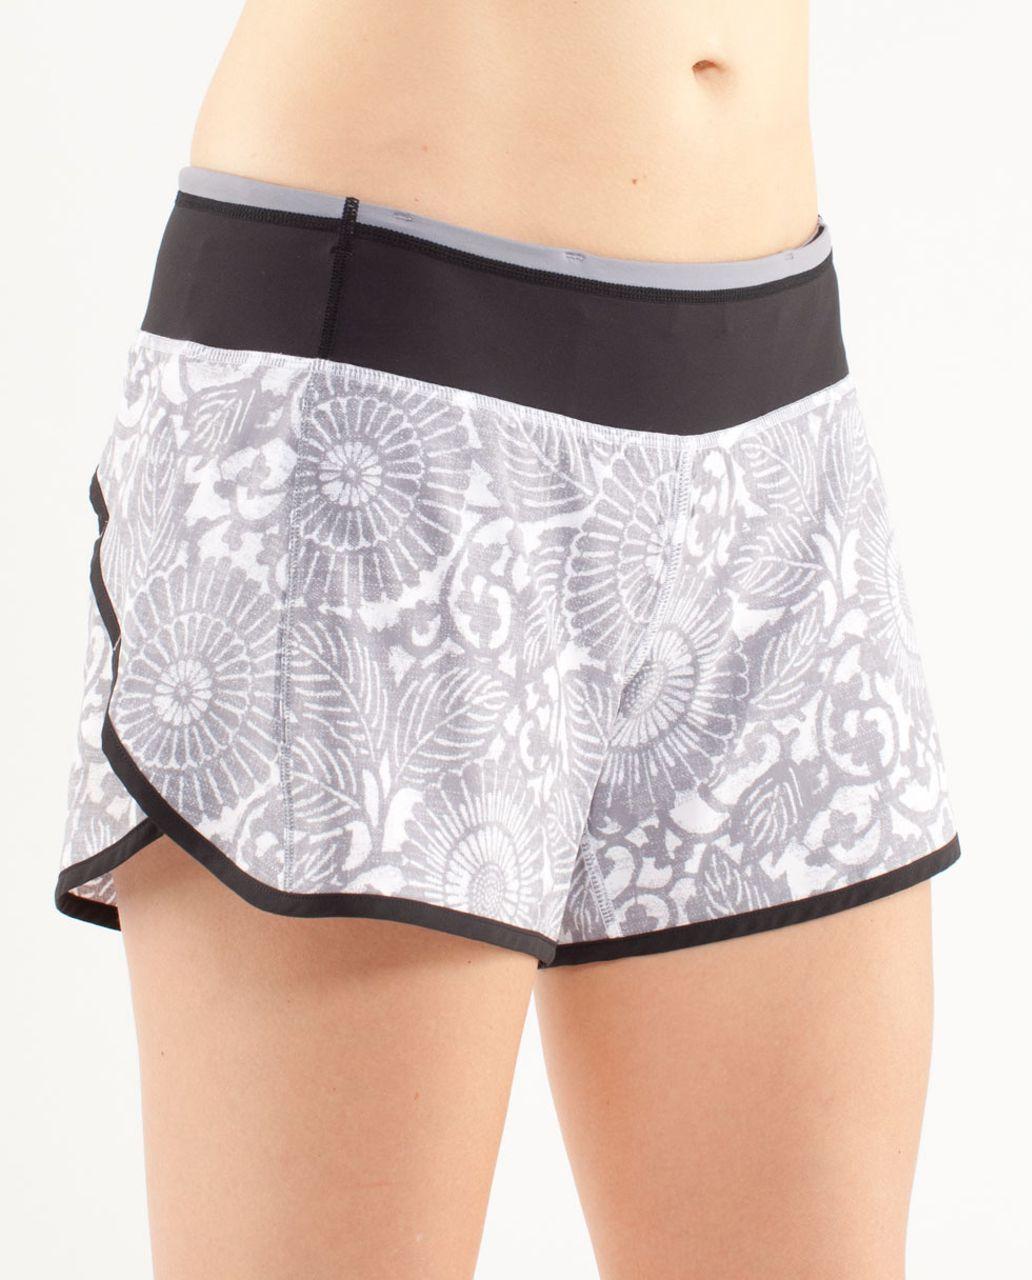 Lululemon Turbo Run Short - Beachy Floral White Fossil /  Black